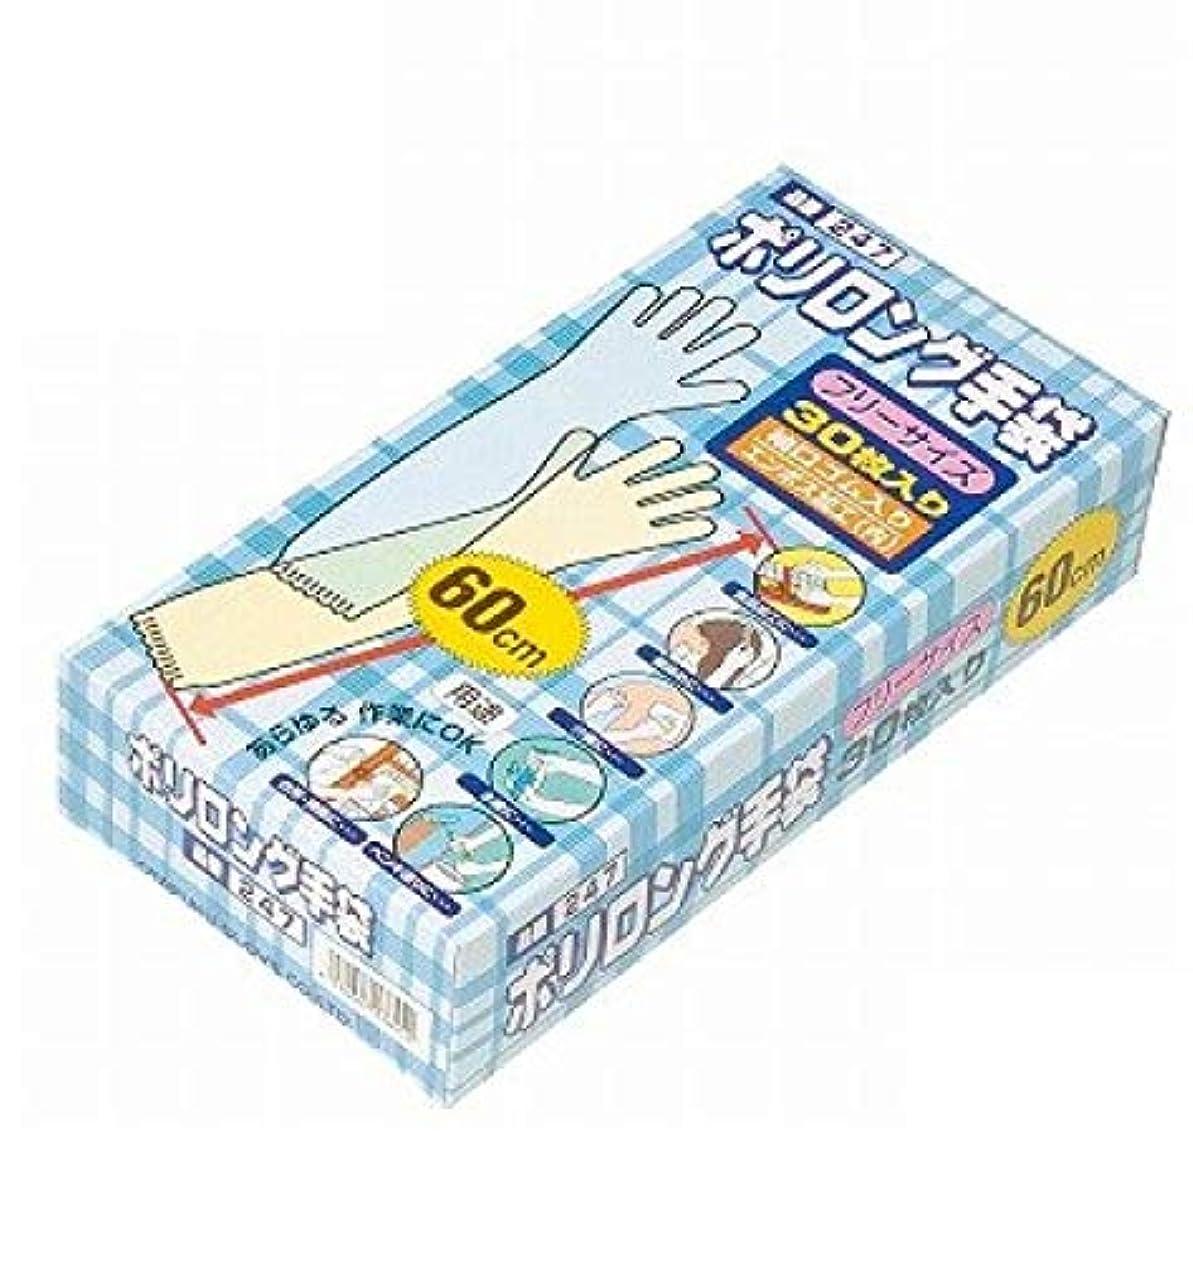 書店免疫重要【おたふく手袋】ポリロング手袋 30枚入 No247 食品衛生法適合品手袋